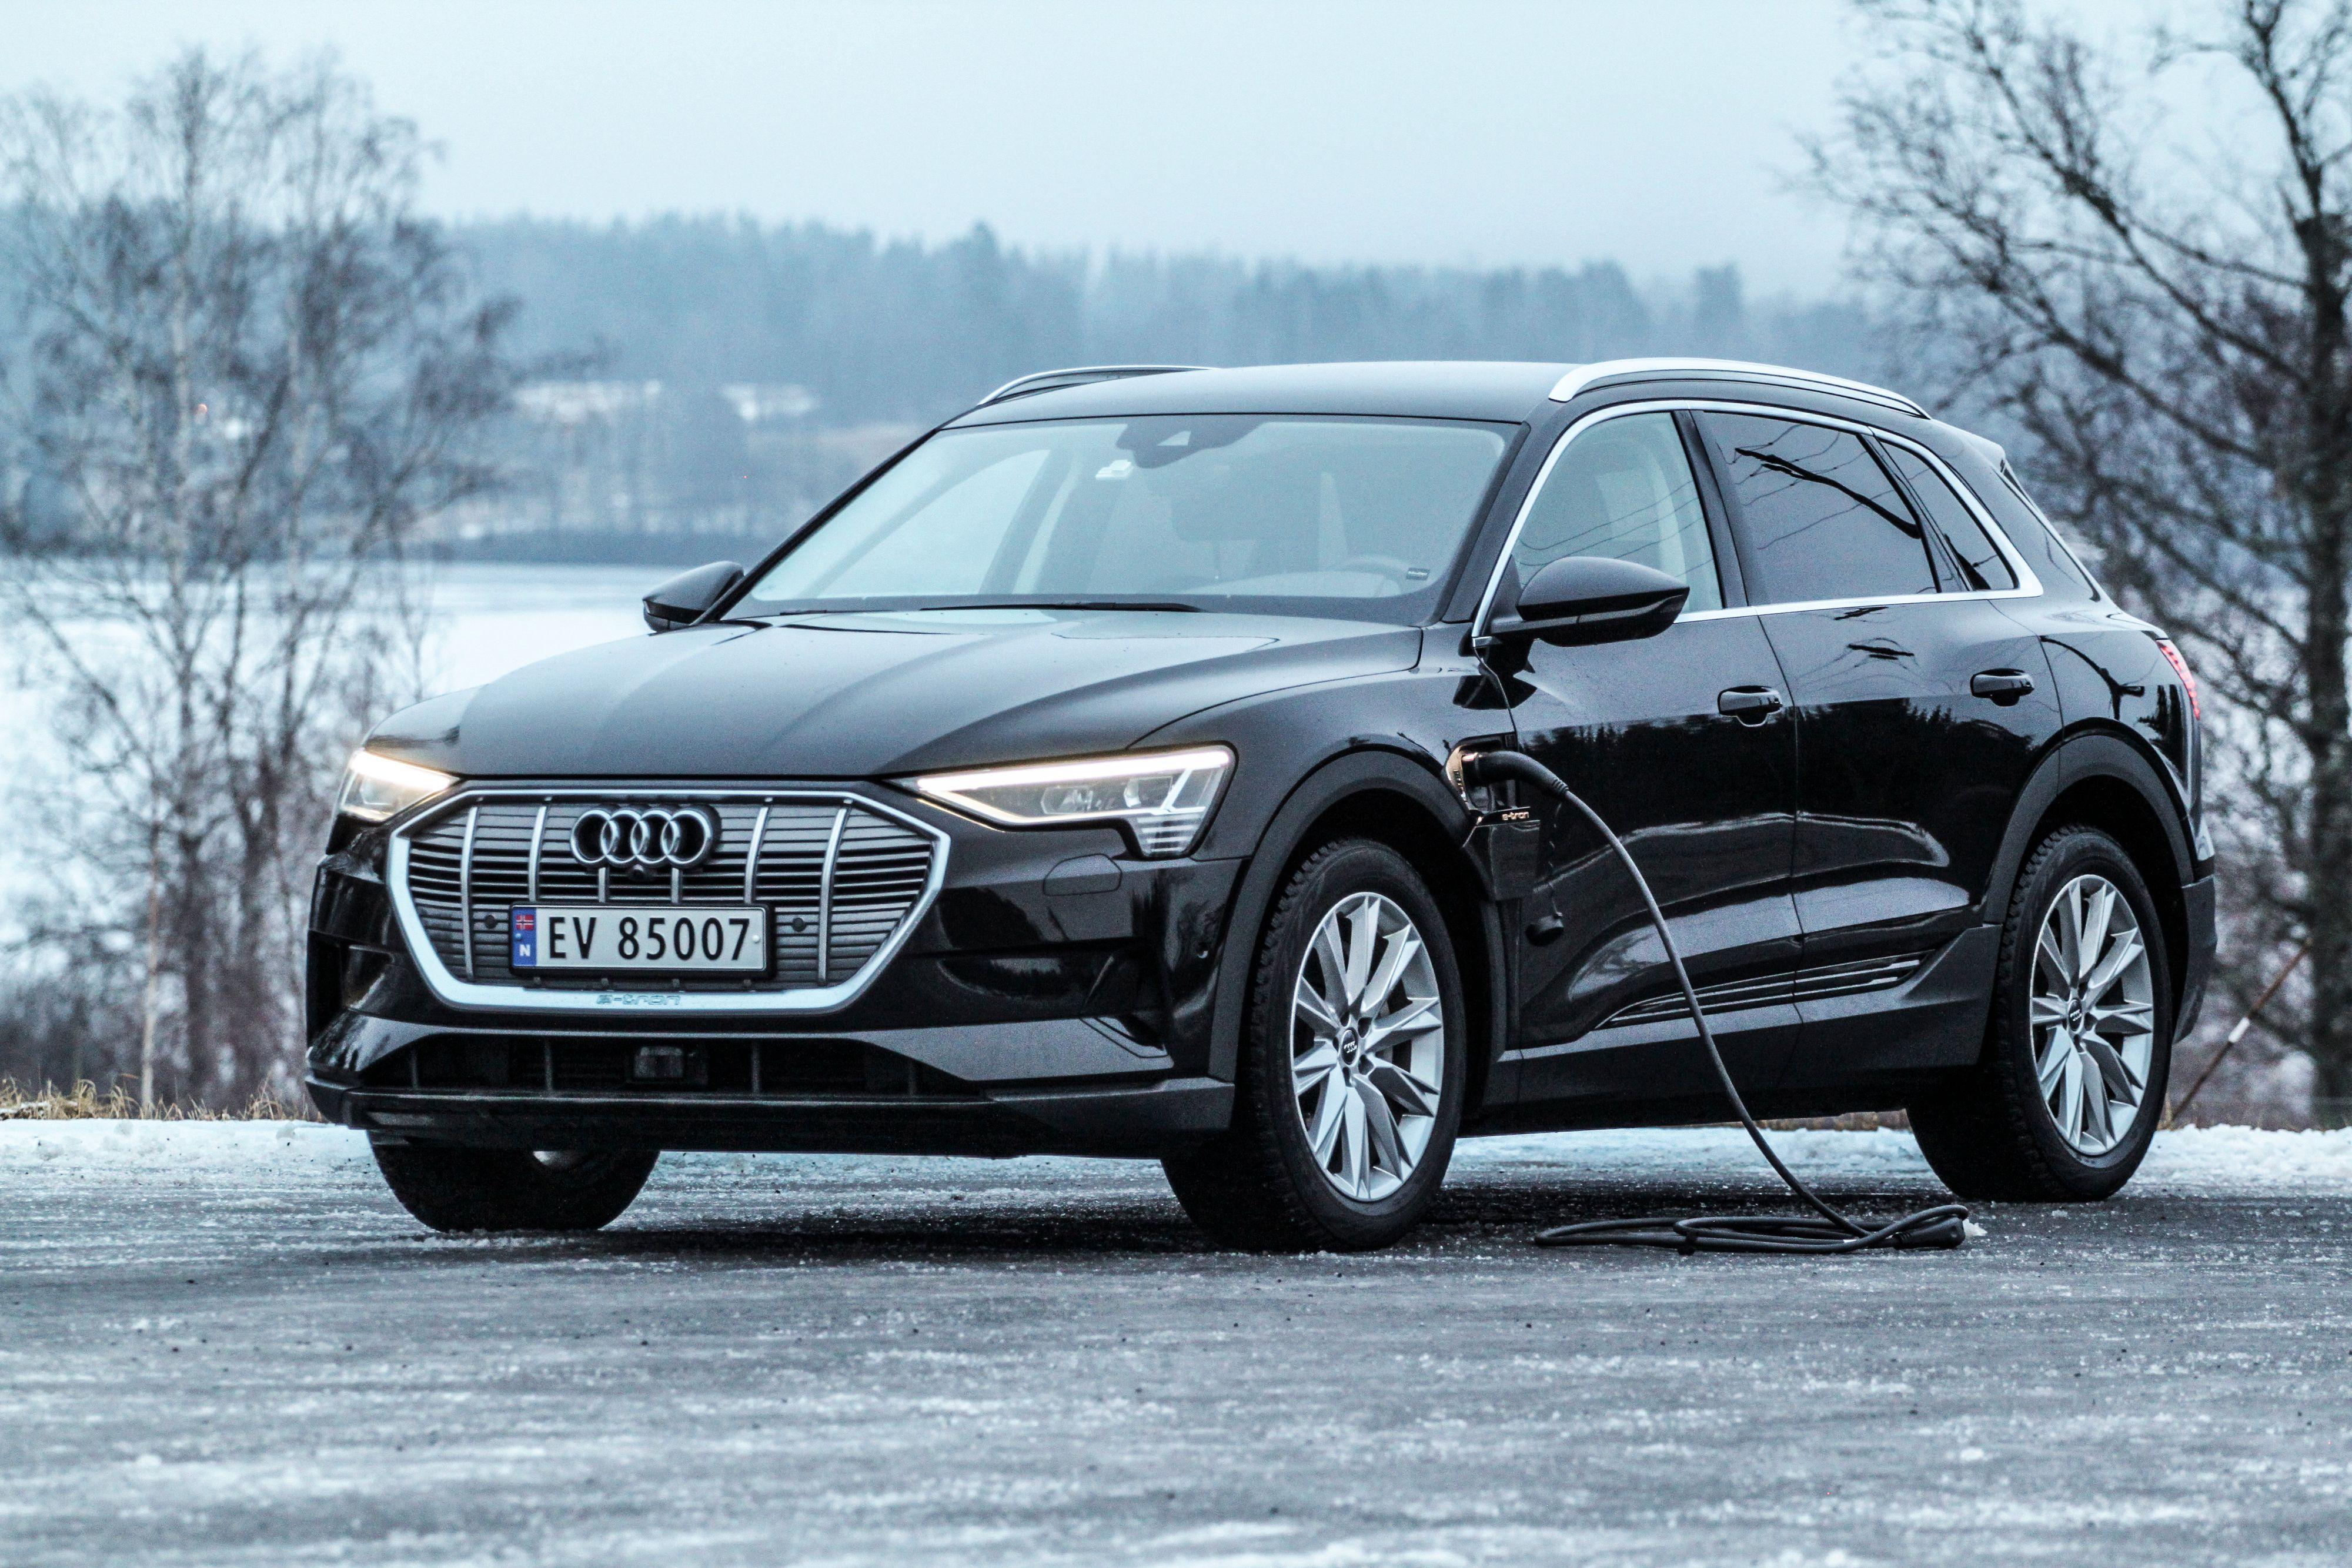 90 prosent av Audis norske leveranser i januar var e-tron. Den var også den mest solgte bilen av alle.